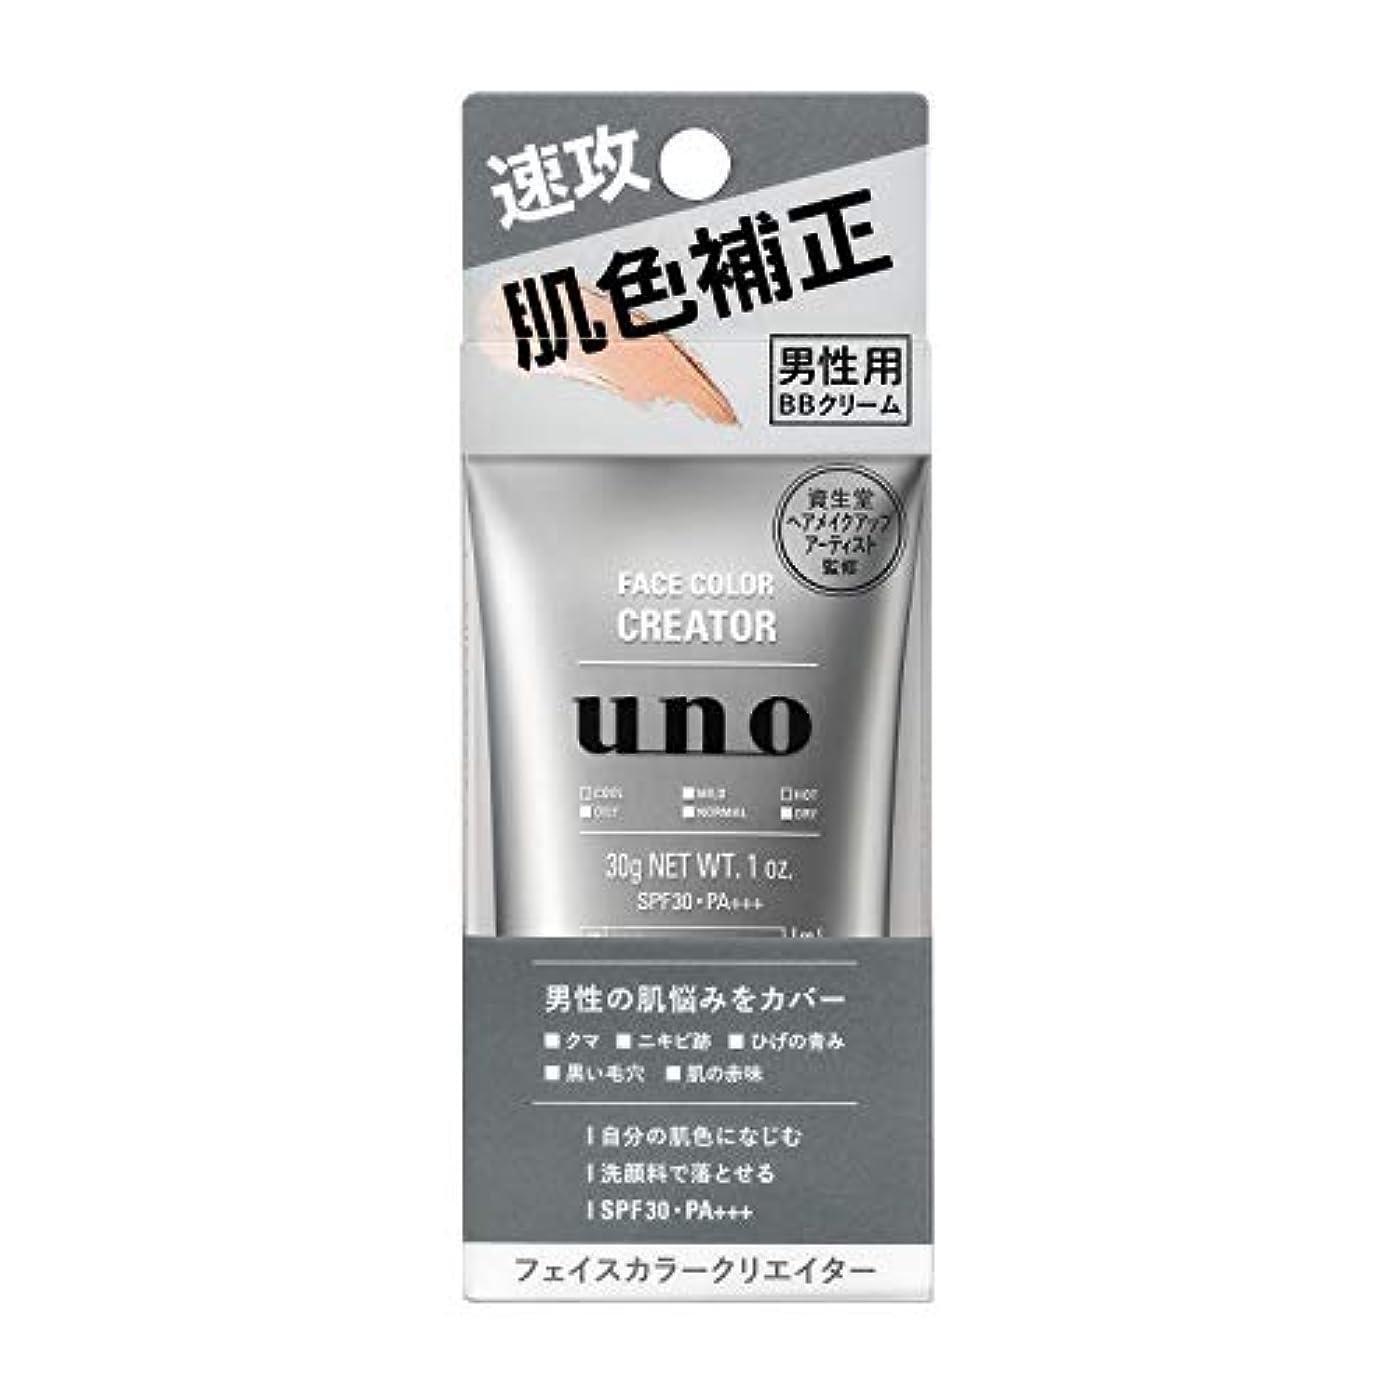 かき混ぜるベルト彫るUNO(ウーノ)フェイスカラークリエイター BBクリーム メンズ SPF30 PA+++ 30g